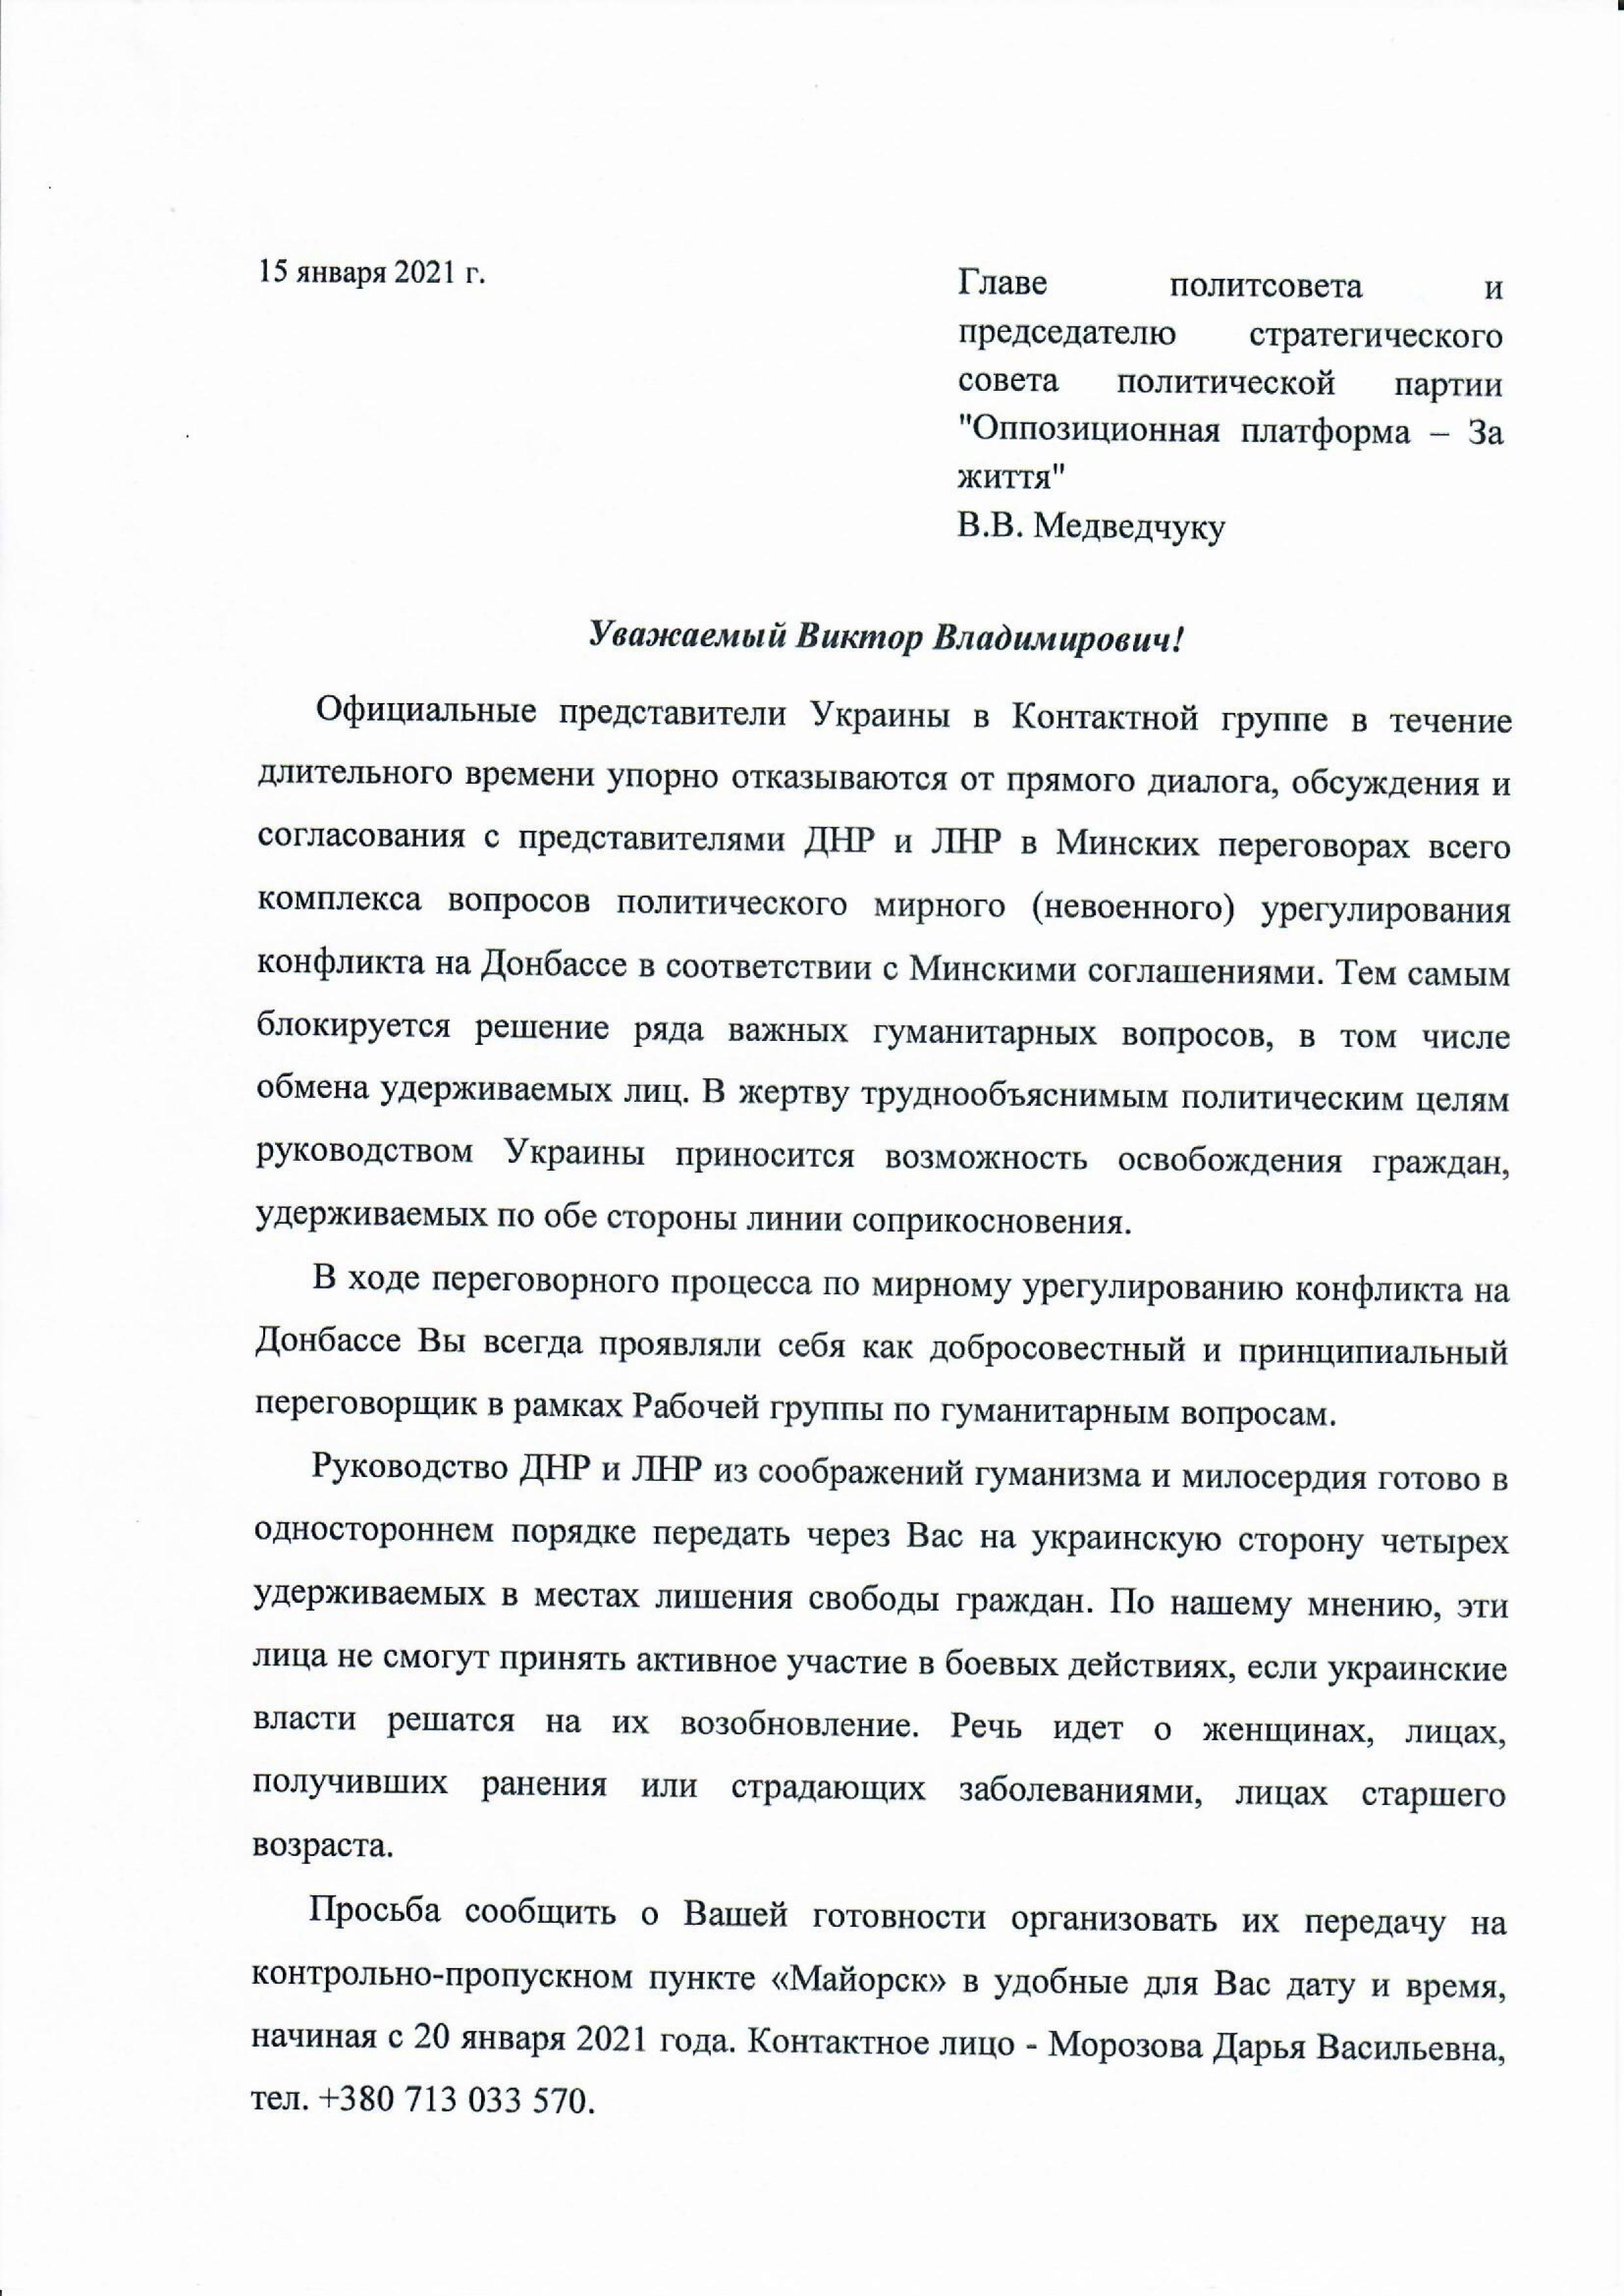 Джангиров: Власть пакостит Медведчуку, чтобы не дать ему забрать из ОРДЛО удерживаемых там женщин - фото 4